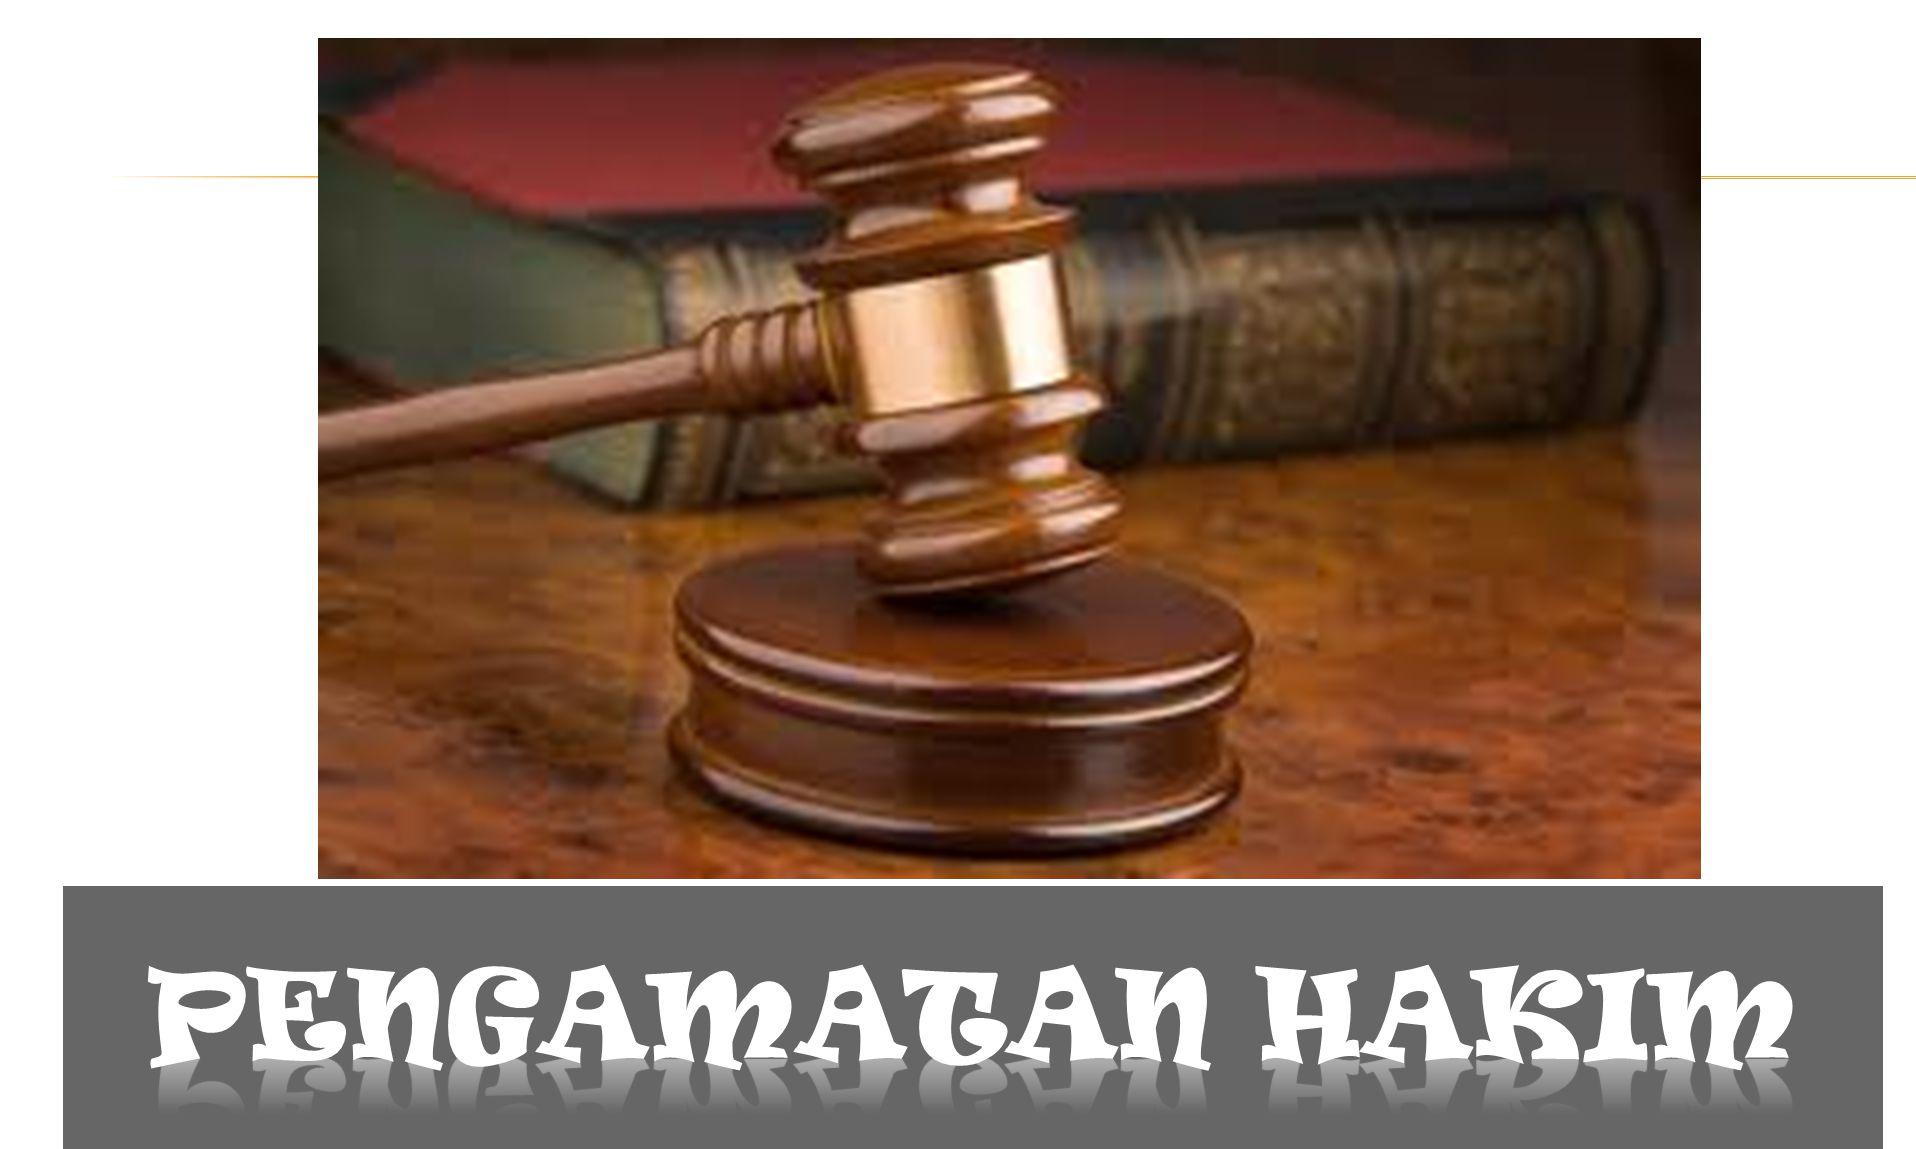 AMERIKA SERIKATPRANCISRUSIA Keterangan terdakwa, dapat digunakan untuk memberatkan pihak lain Confession of the co- accused Non-self incrimination rig